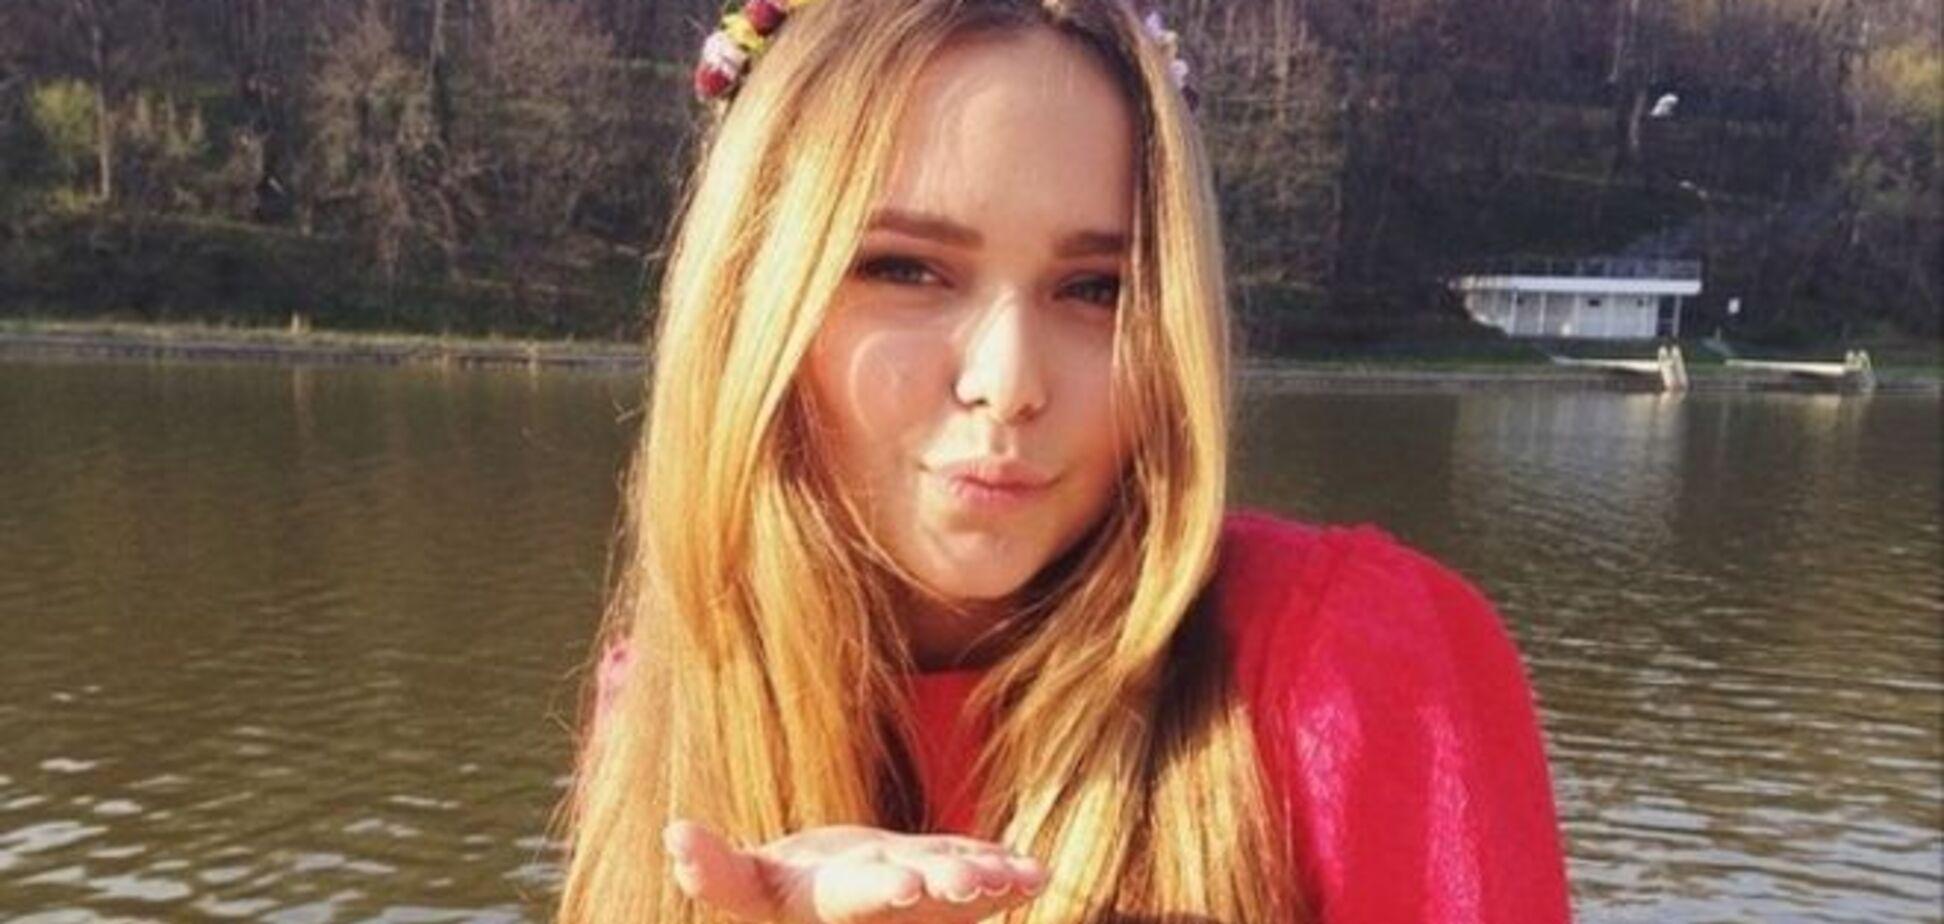 Дочь Дмитрия Маликова пришла на школьный последний звонок в мини-платье